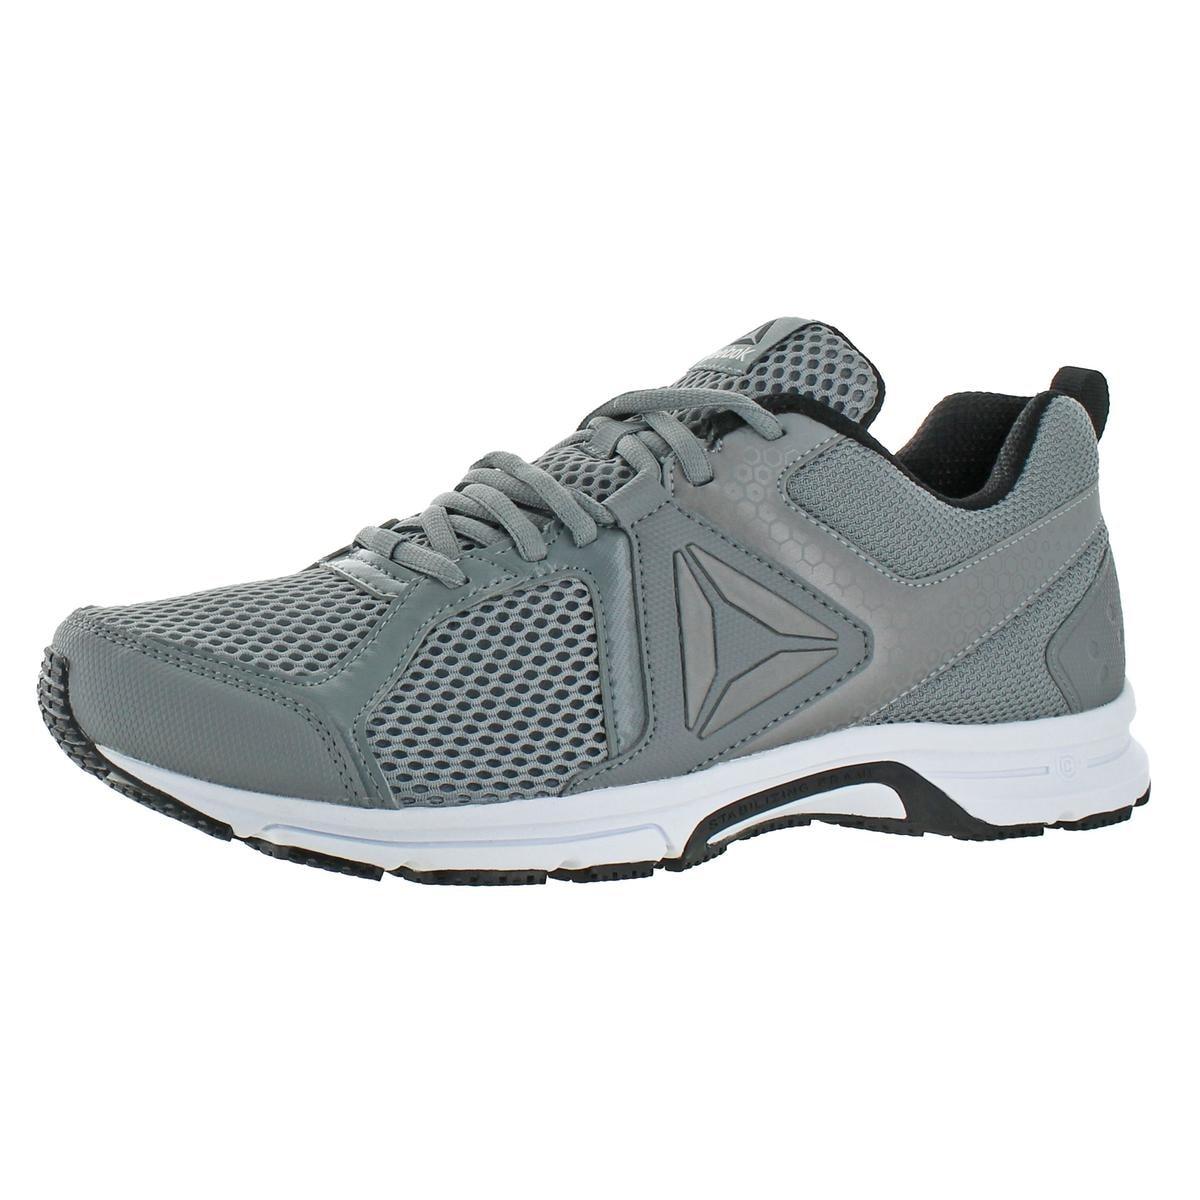 Reebok Mens Runner 2.0 MT Running Shoes MemoryTech Comfort Insole